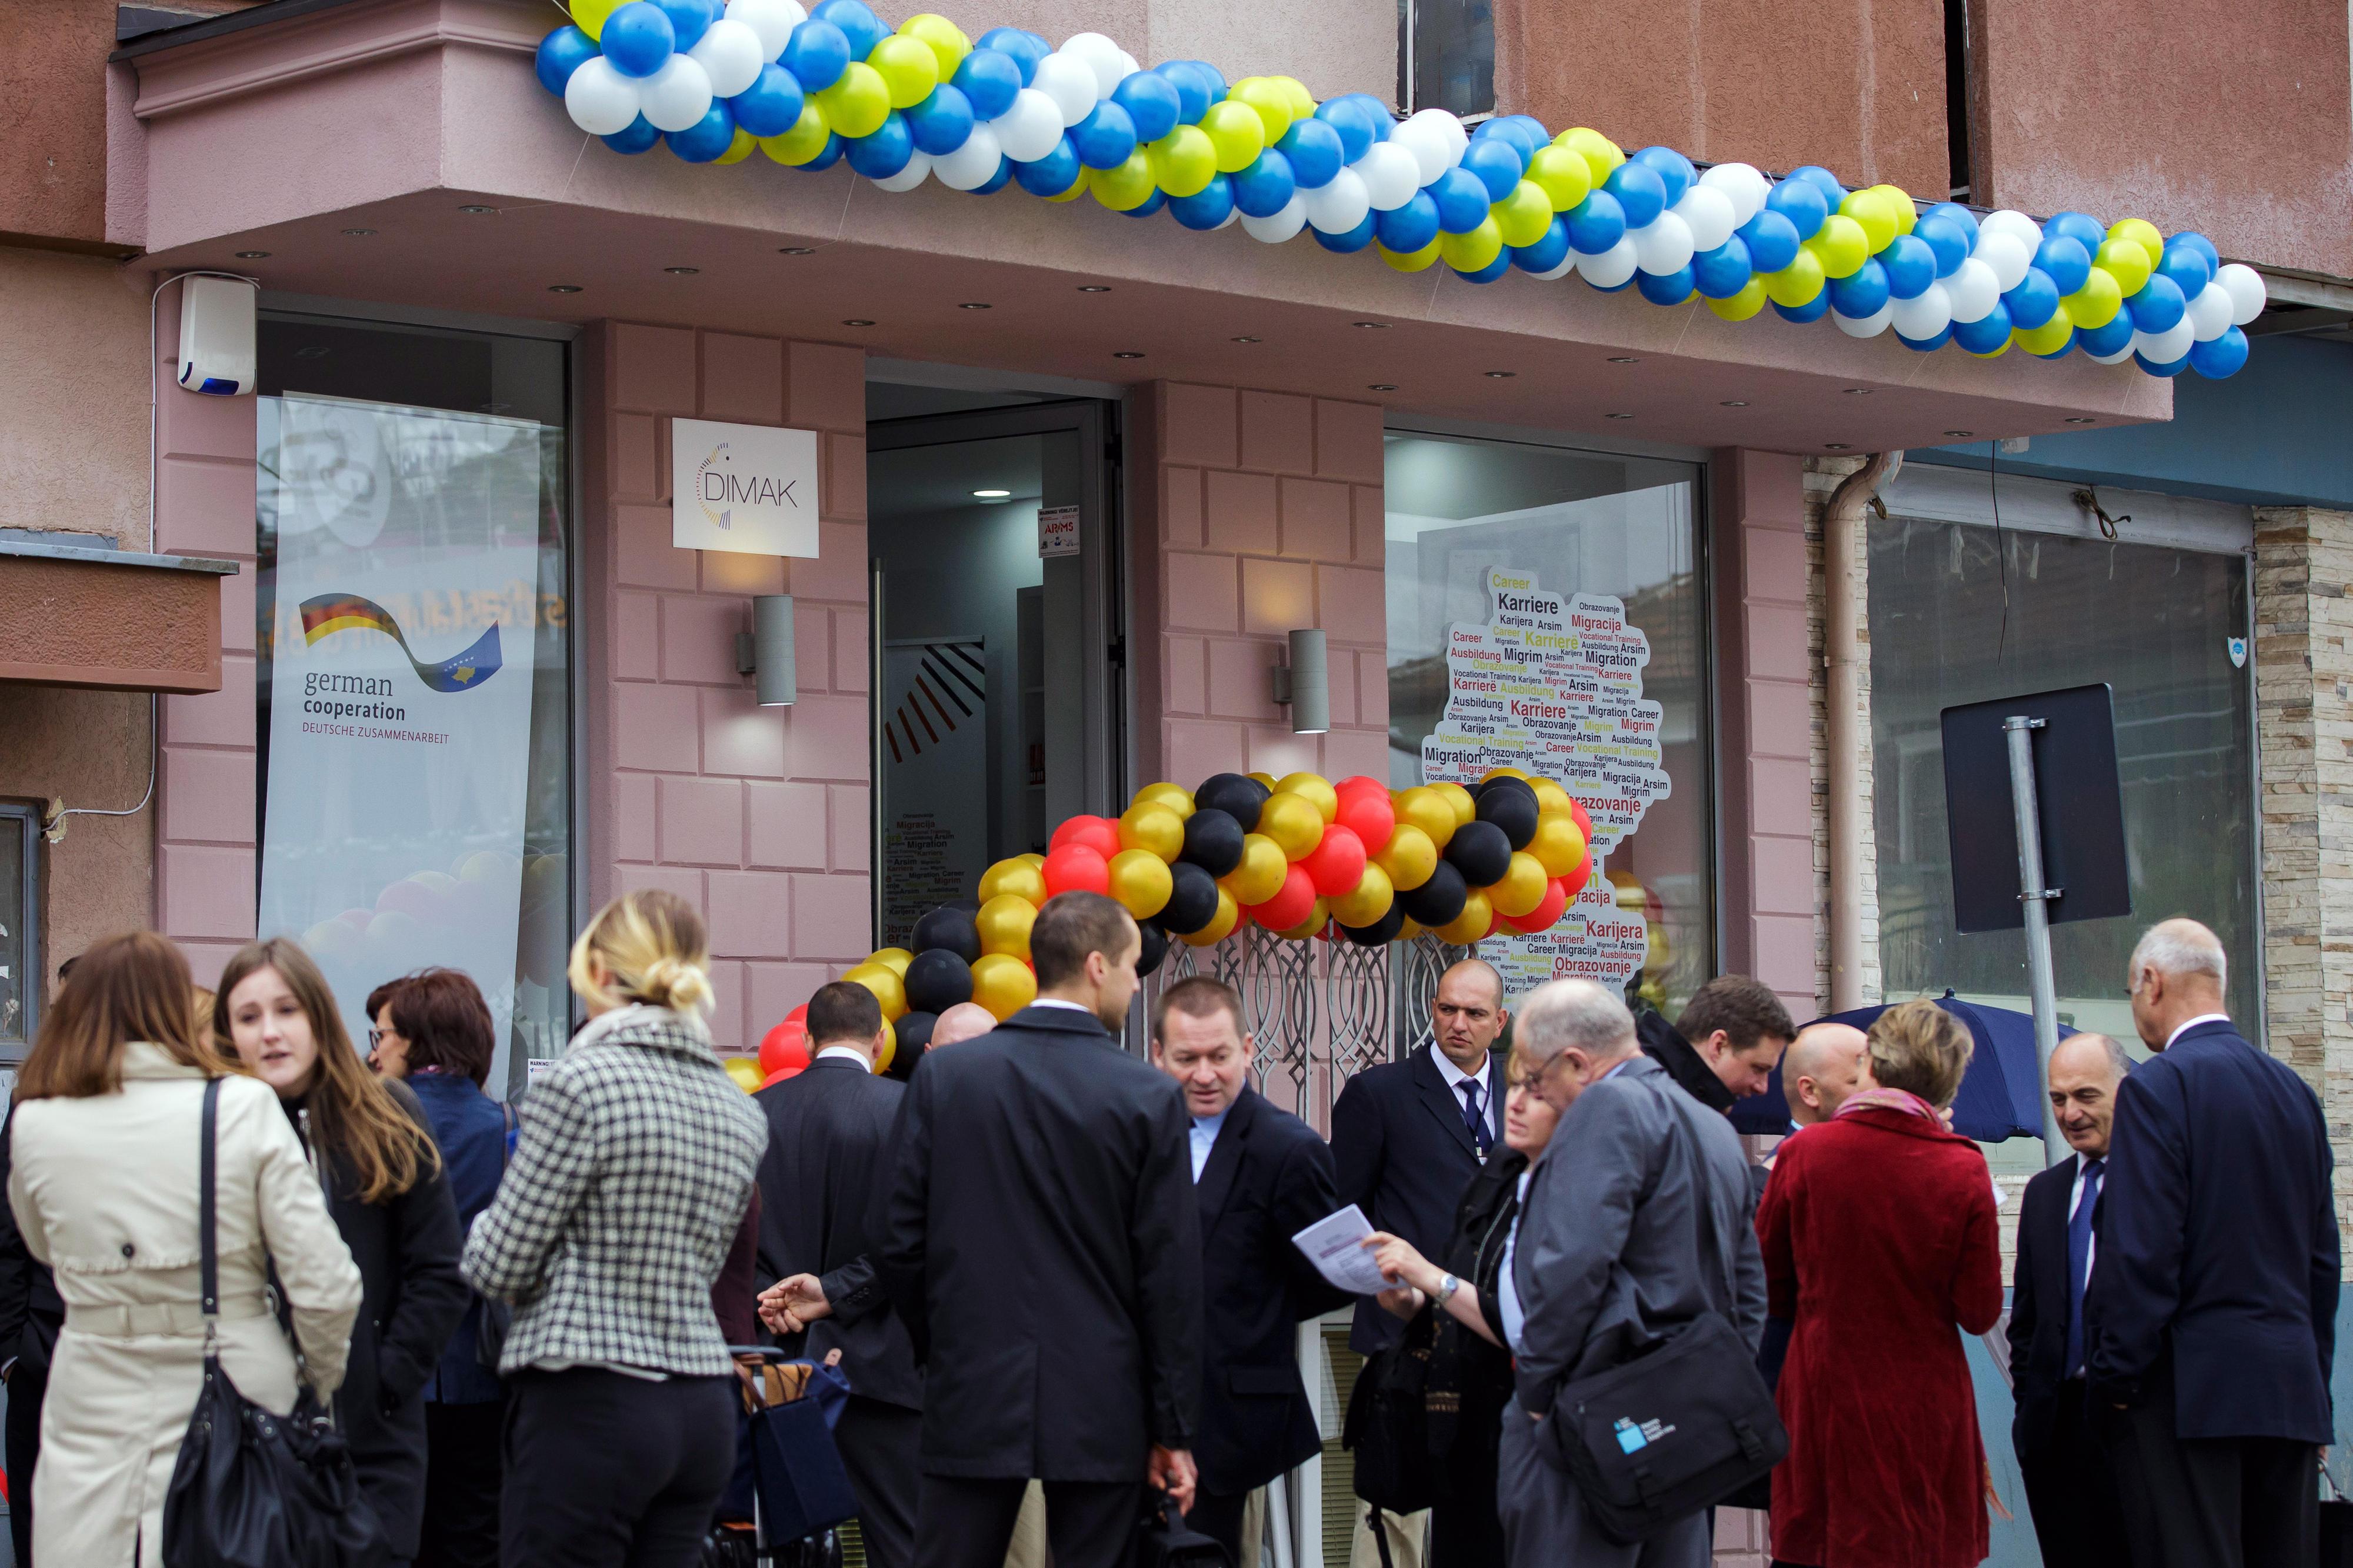 Außenansicht des Deutschen Informationspunkts für Migration, Ausbildung und Karriere (DIMAK) am Tag der Eröffnung in Pristina, 28.05.2015